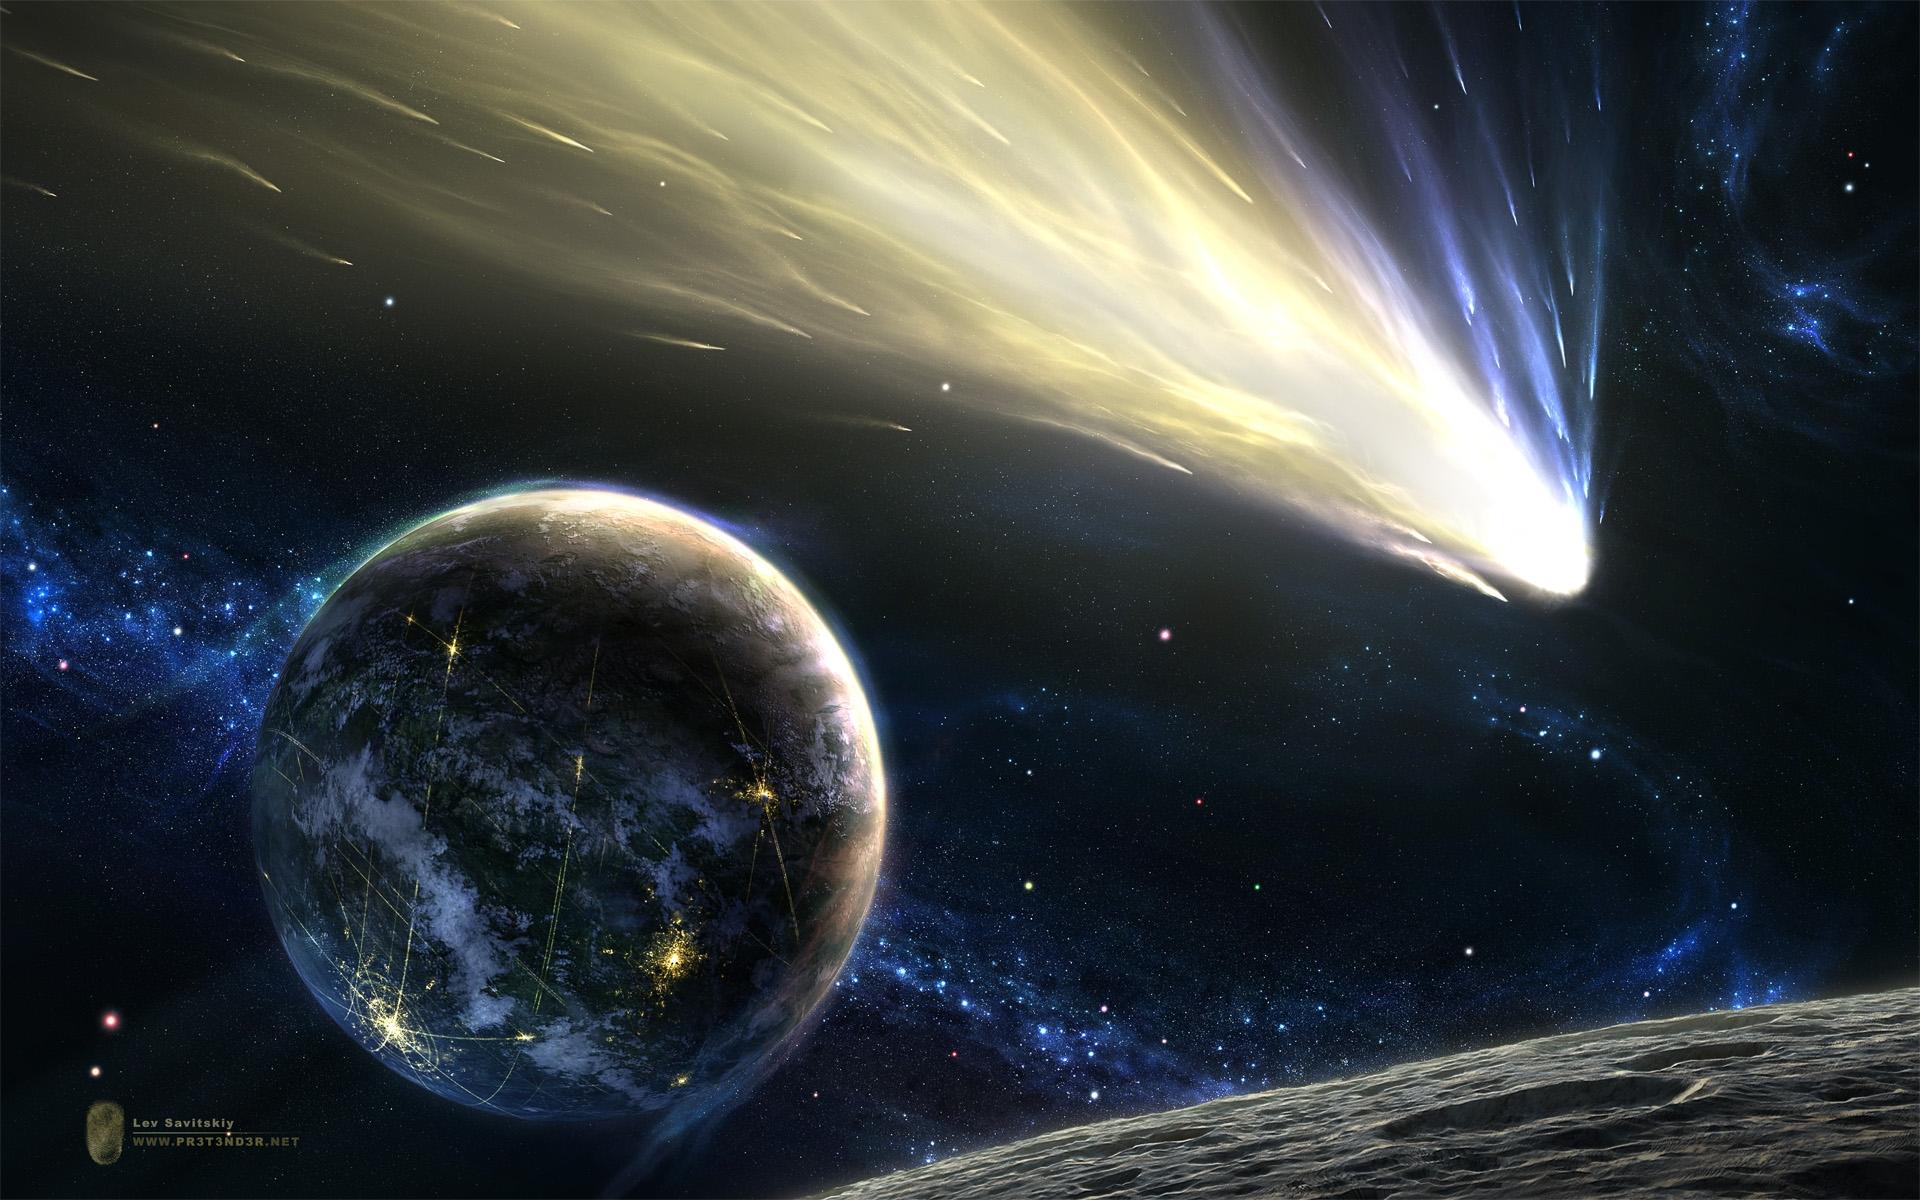 Обои космос метеориты планета картинки на рабочий стол на тему Космос - скачать бесплатно